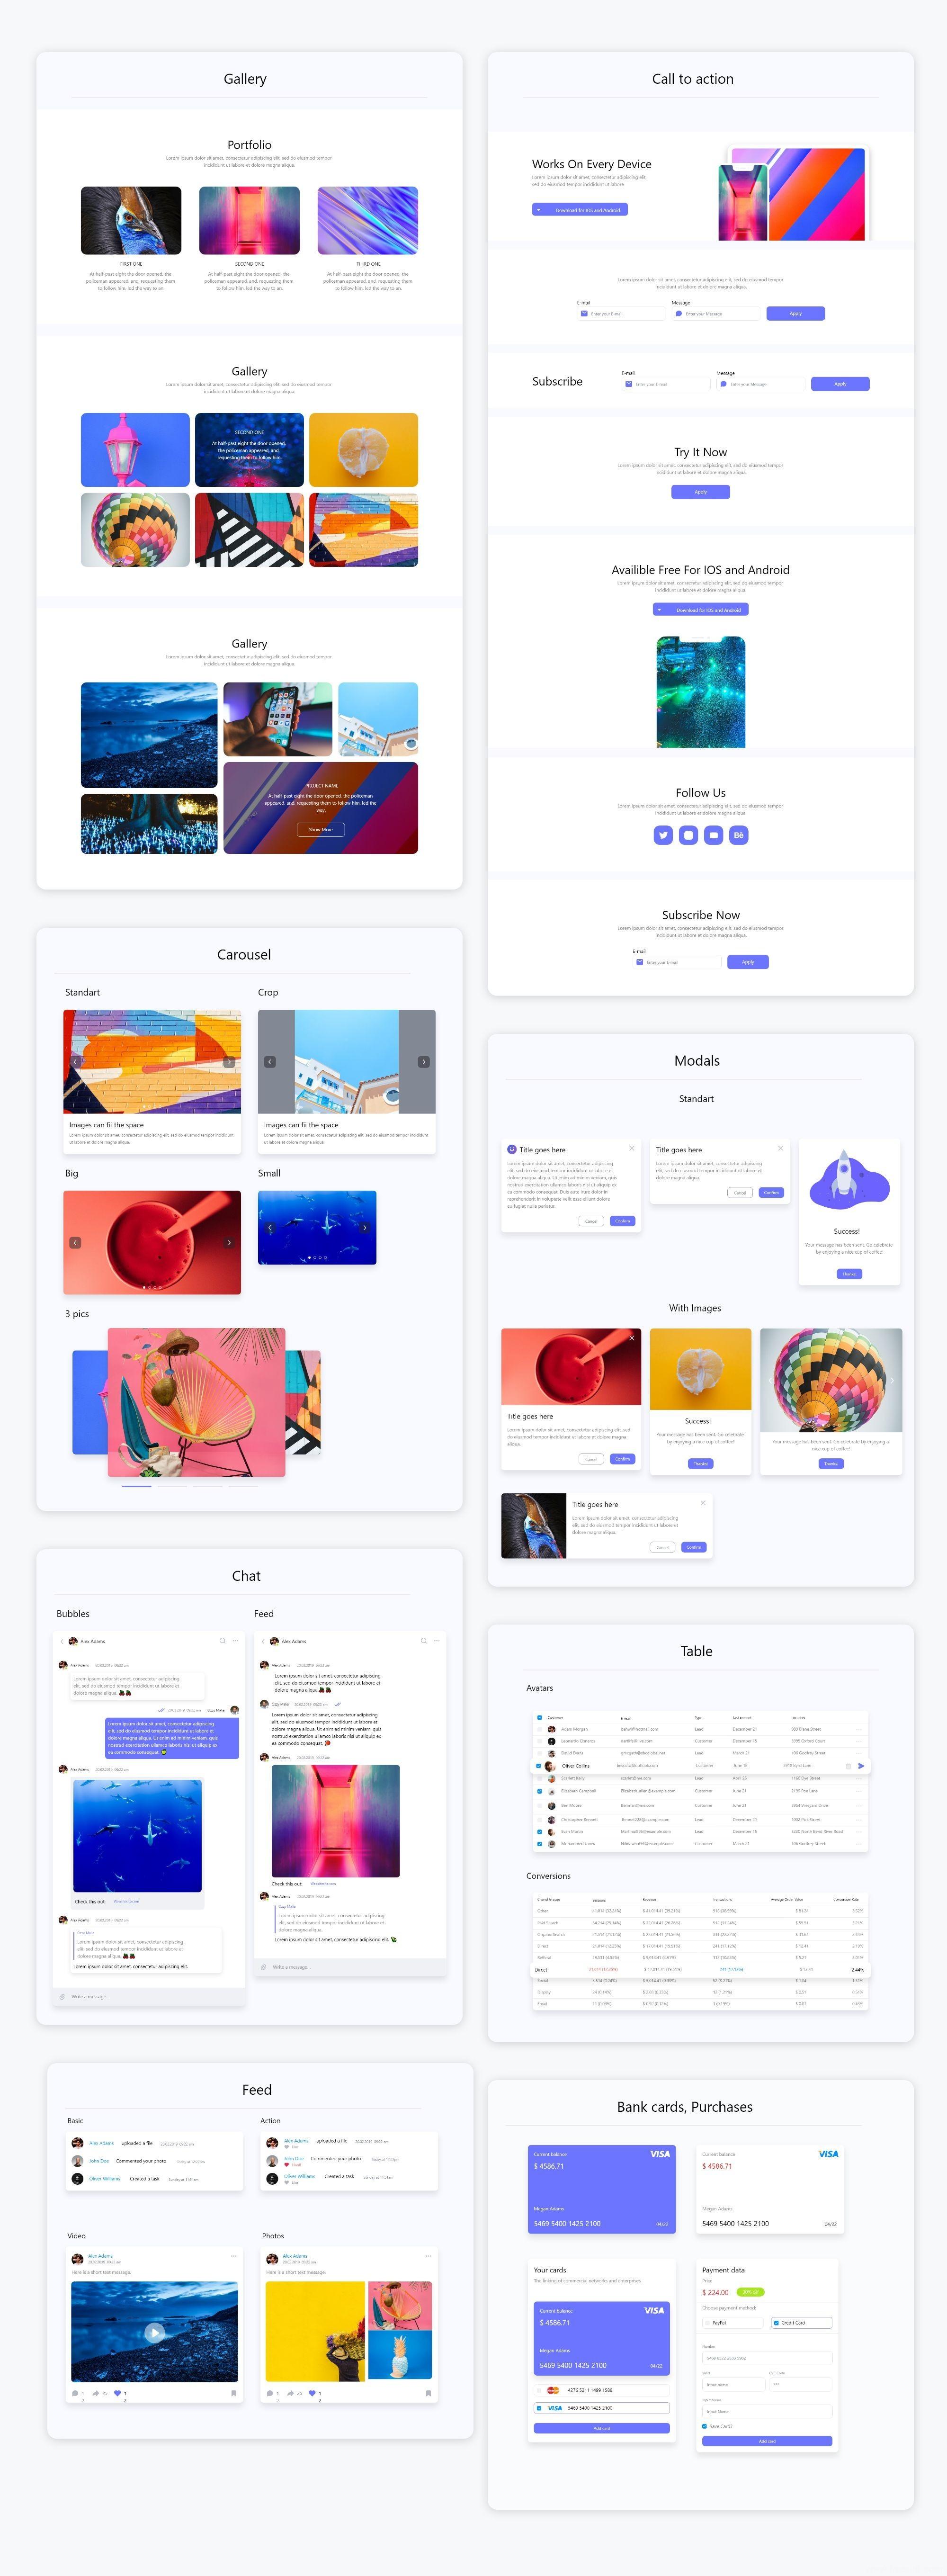 高级大型网站kit模板,个人站、作品展示站、商务站、着陆页等全套网站UI源文件下载